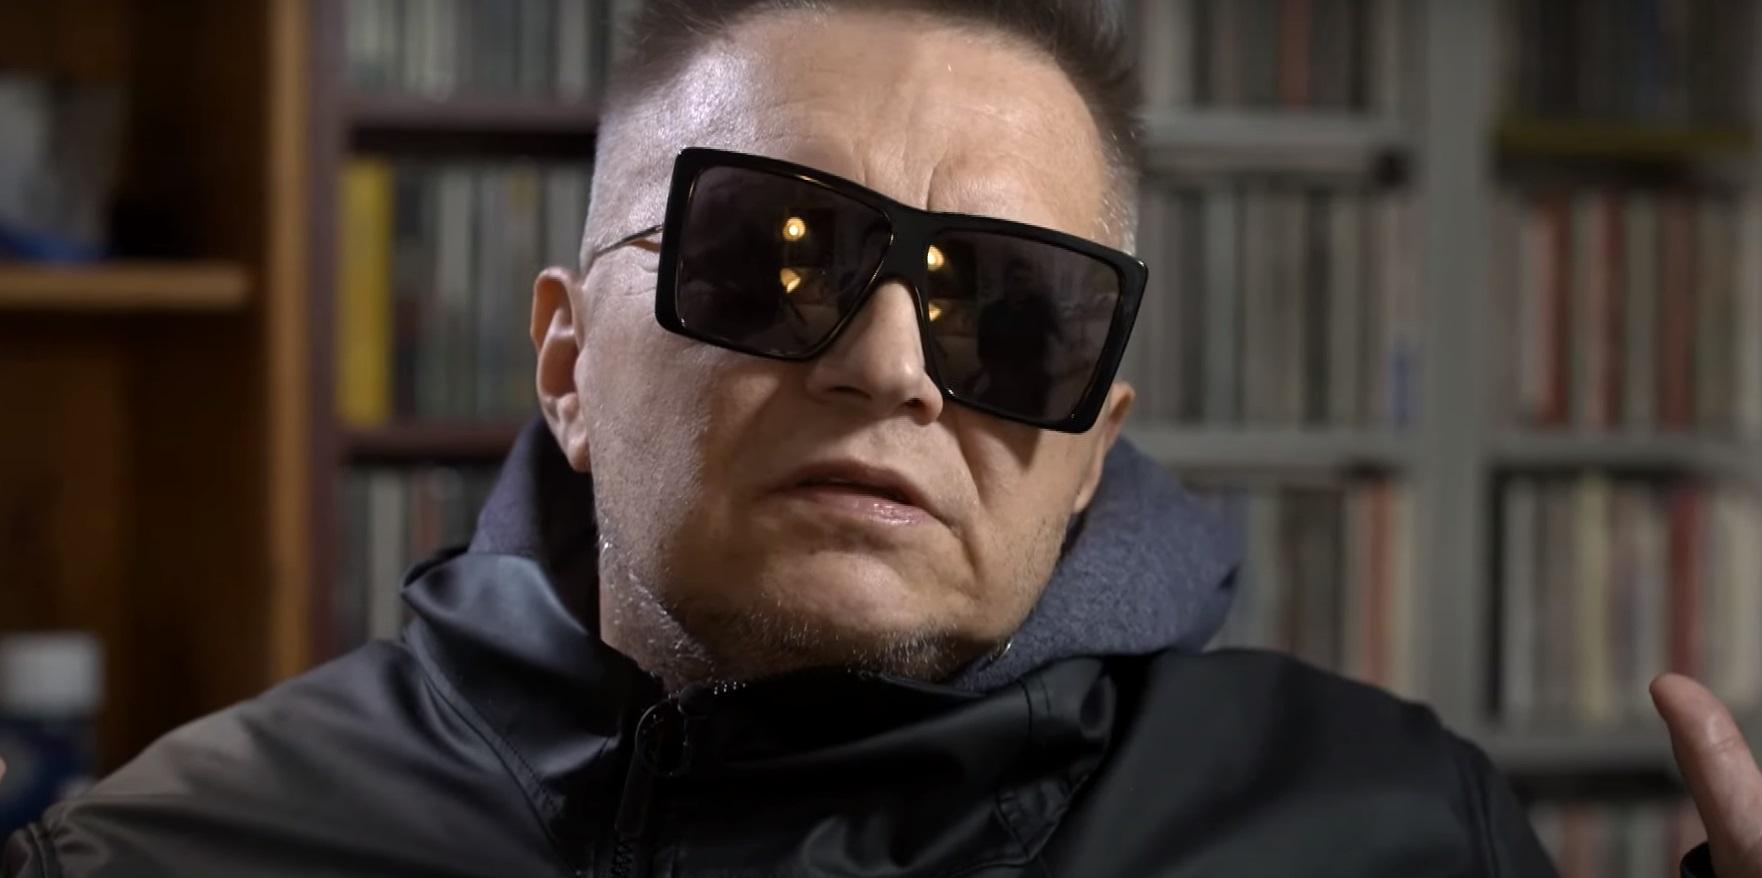 """Muniek Staszczyk powiedział podczas wywiadu z """"Polska The Times"""", co sądzi o aborcji, tradycyjnych wartościach i Strajku Kobiet"""